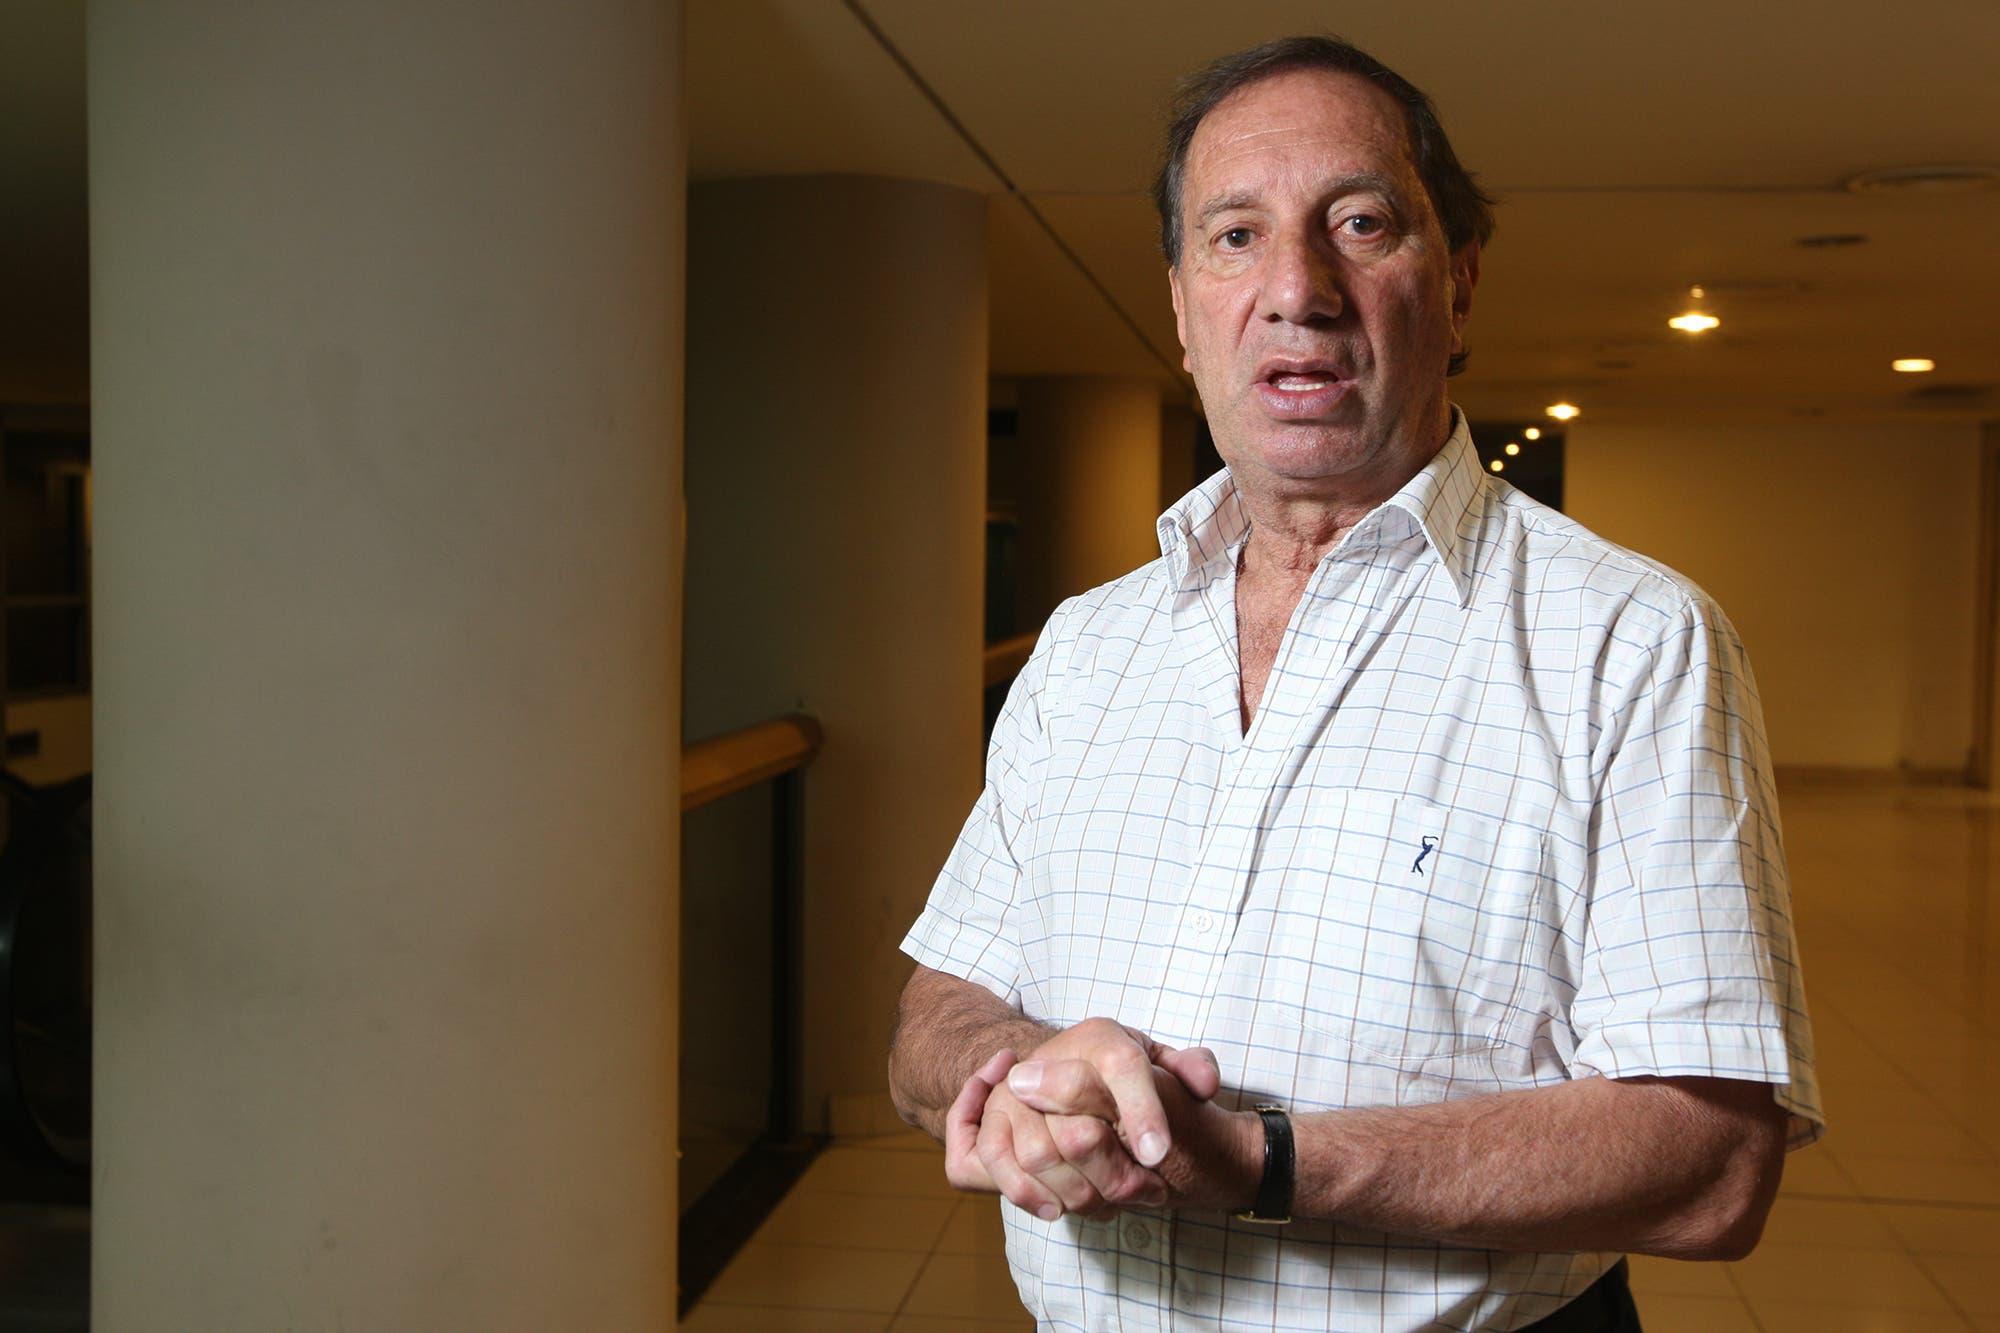 La salud de Carlos Bilardo: el test dio resultado negativo y se confirmó que no sufre de coronavirus